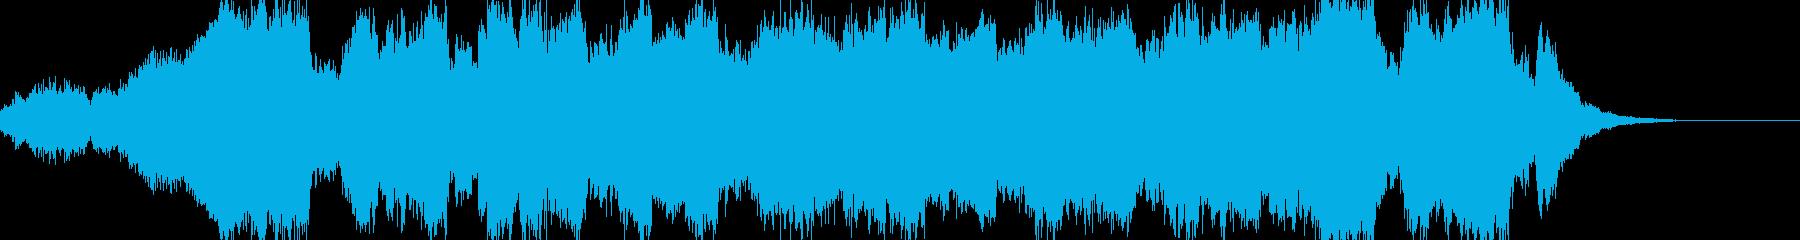 クライマックスに相応しい壮大なワルツの再生済みの波形